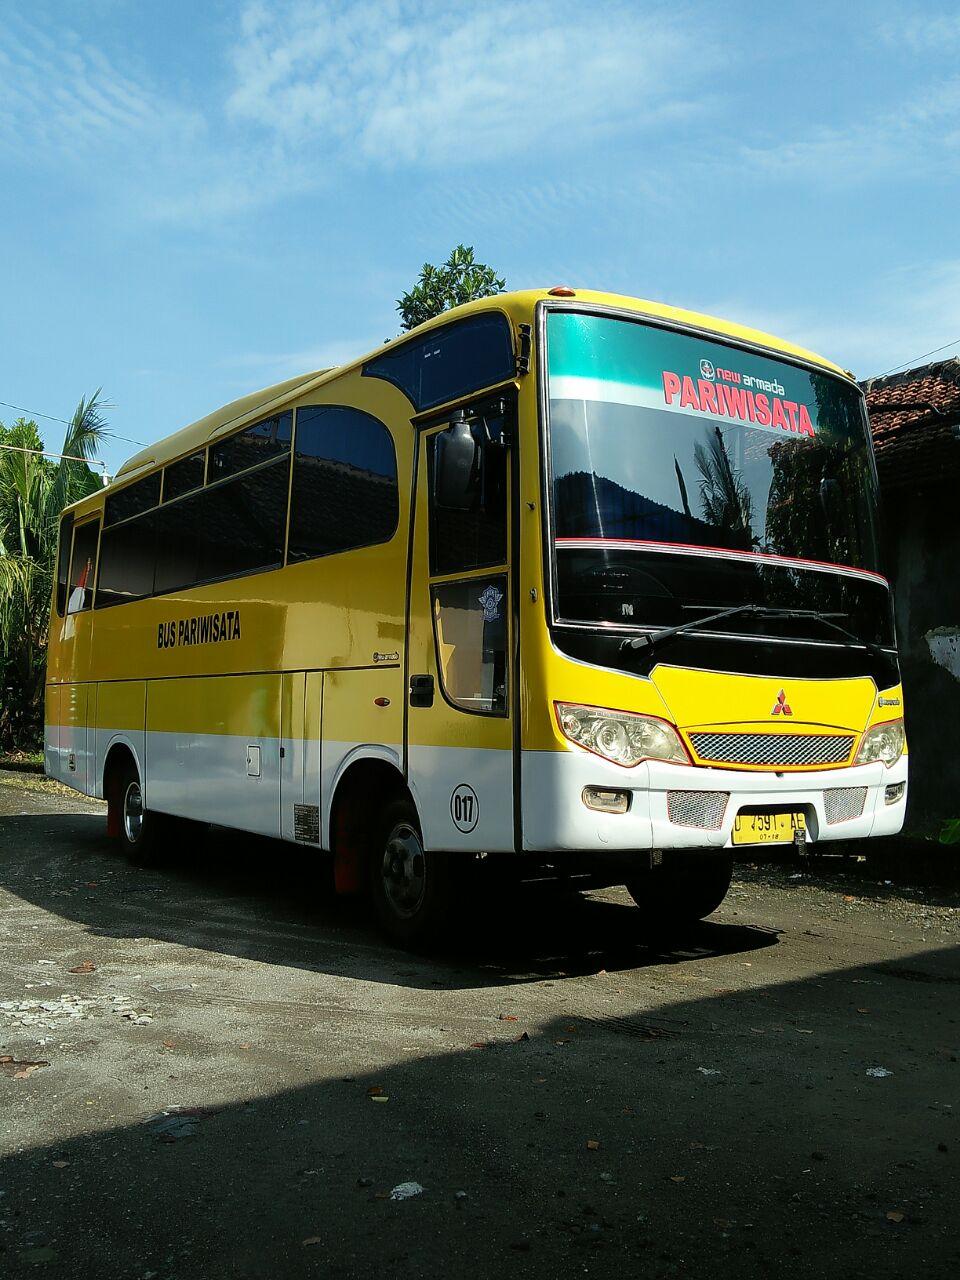 Bus Pariwisata Non Ac Seat 27-30